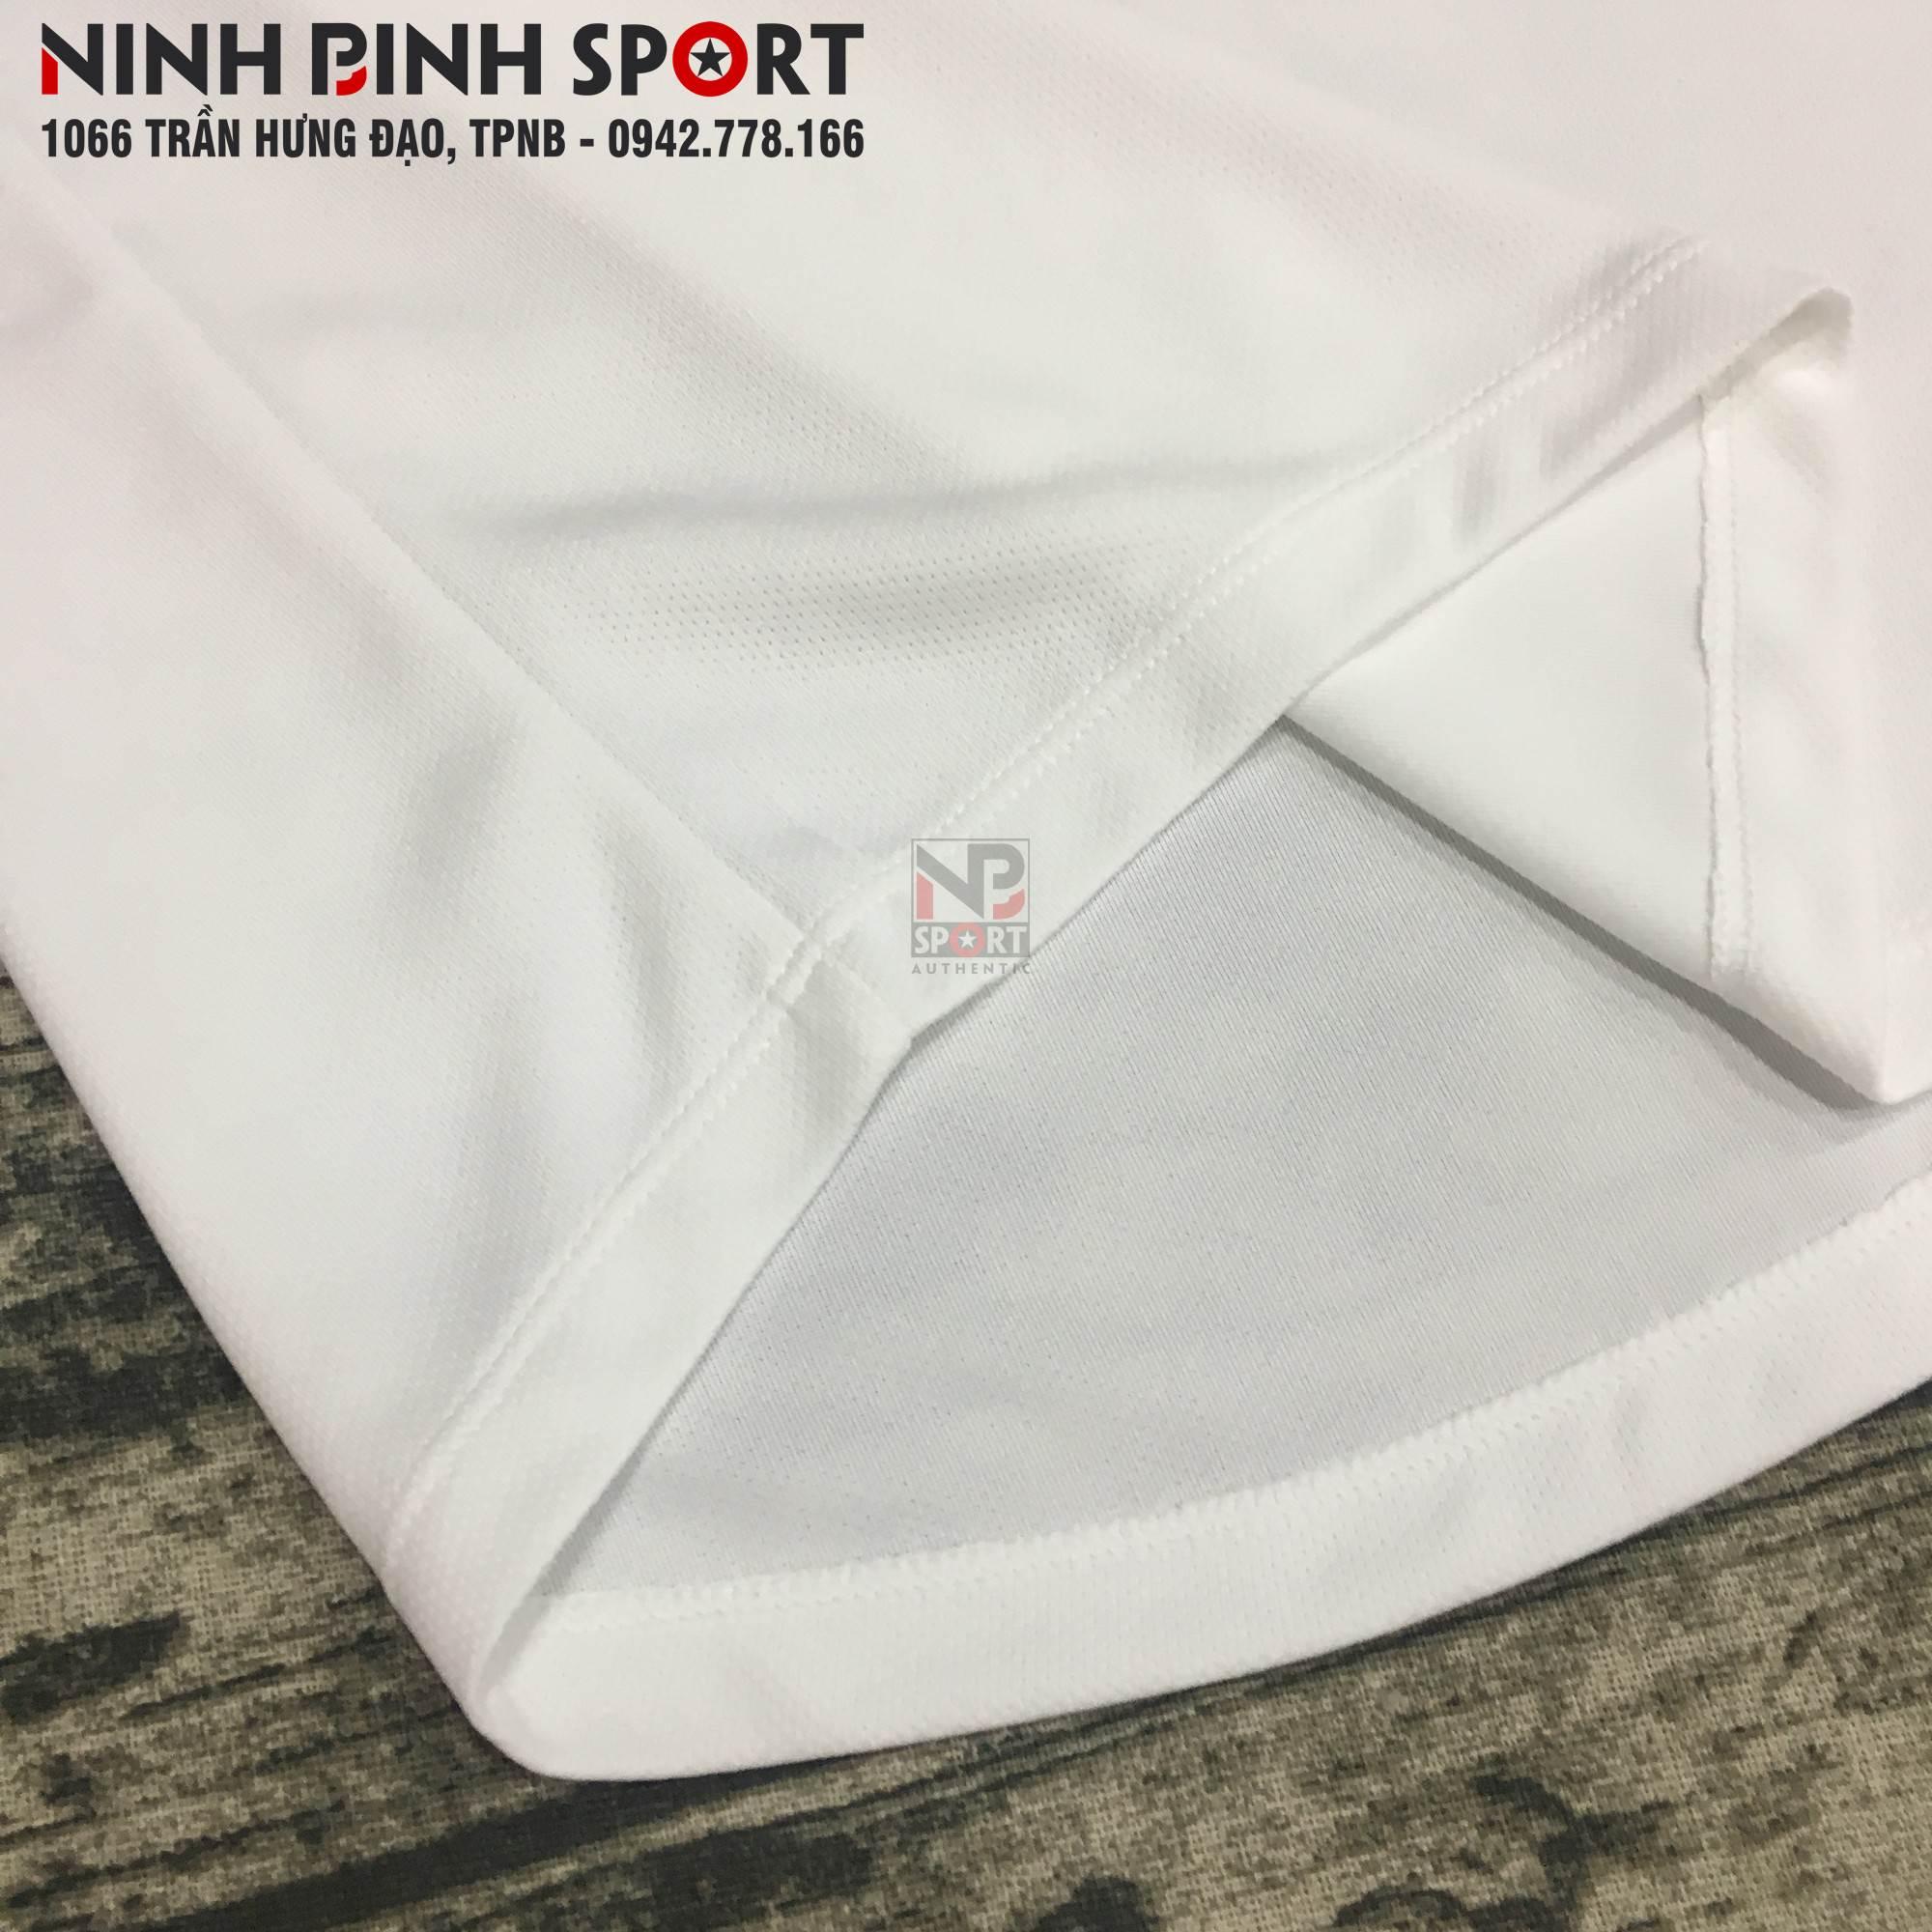 Áo thể thao nam Nike Dri-Fit S/S Top White 939135-100